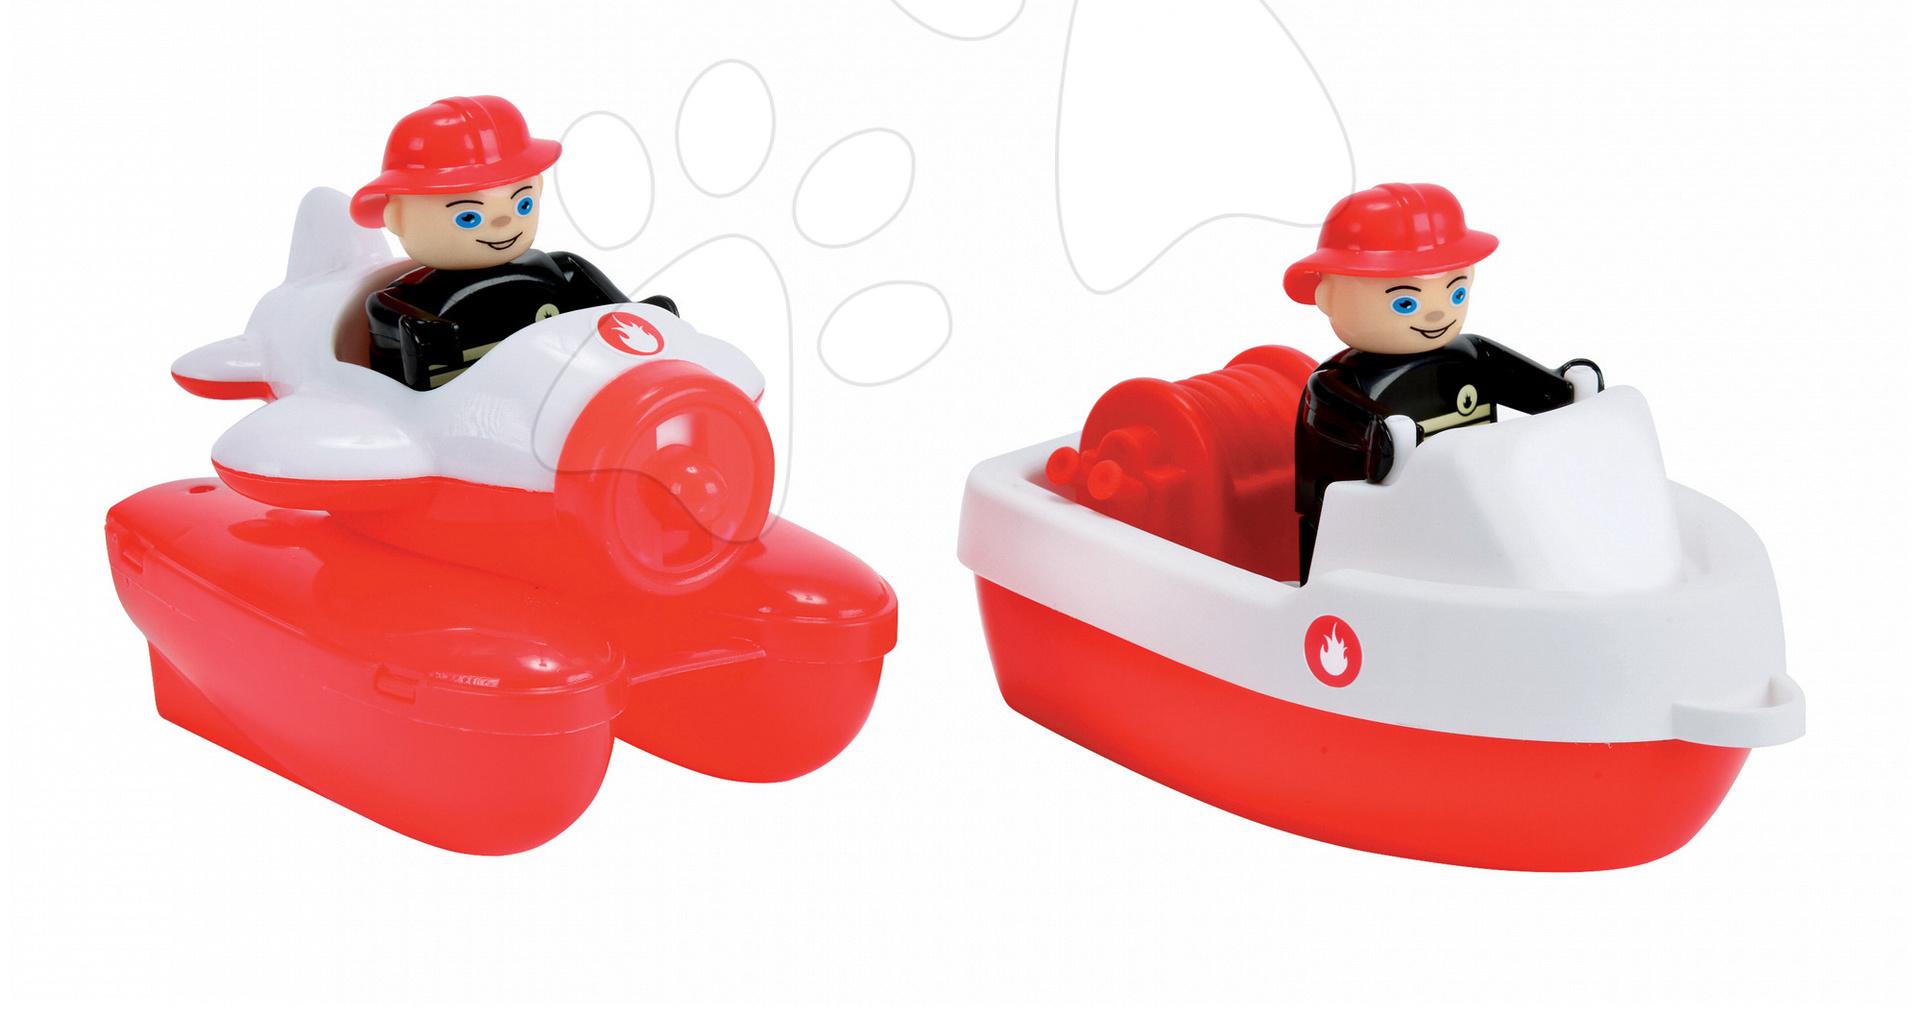 Sada 2 loděk Waterplay BIG hasičské délka 15,5 cm červené